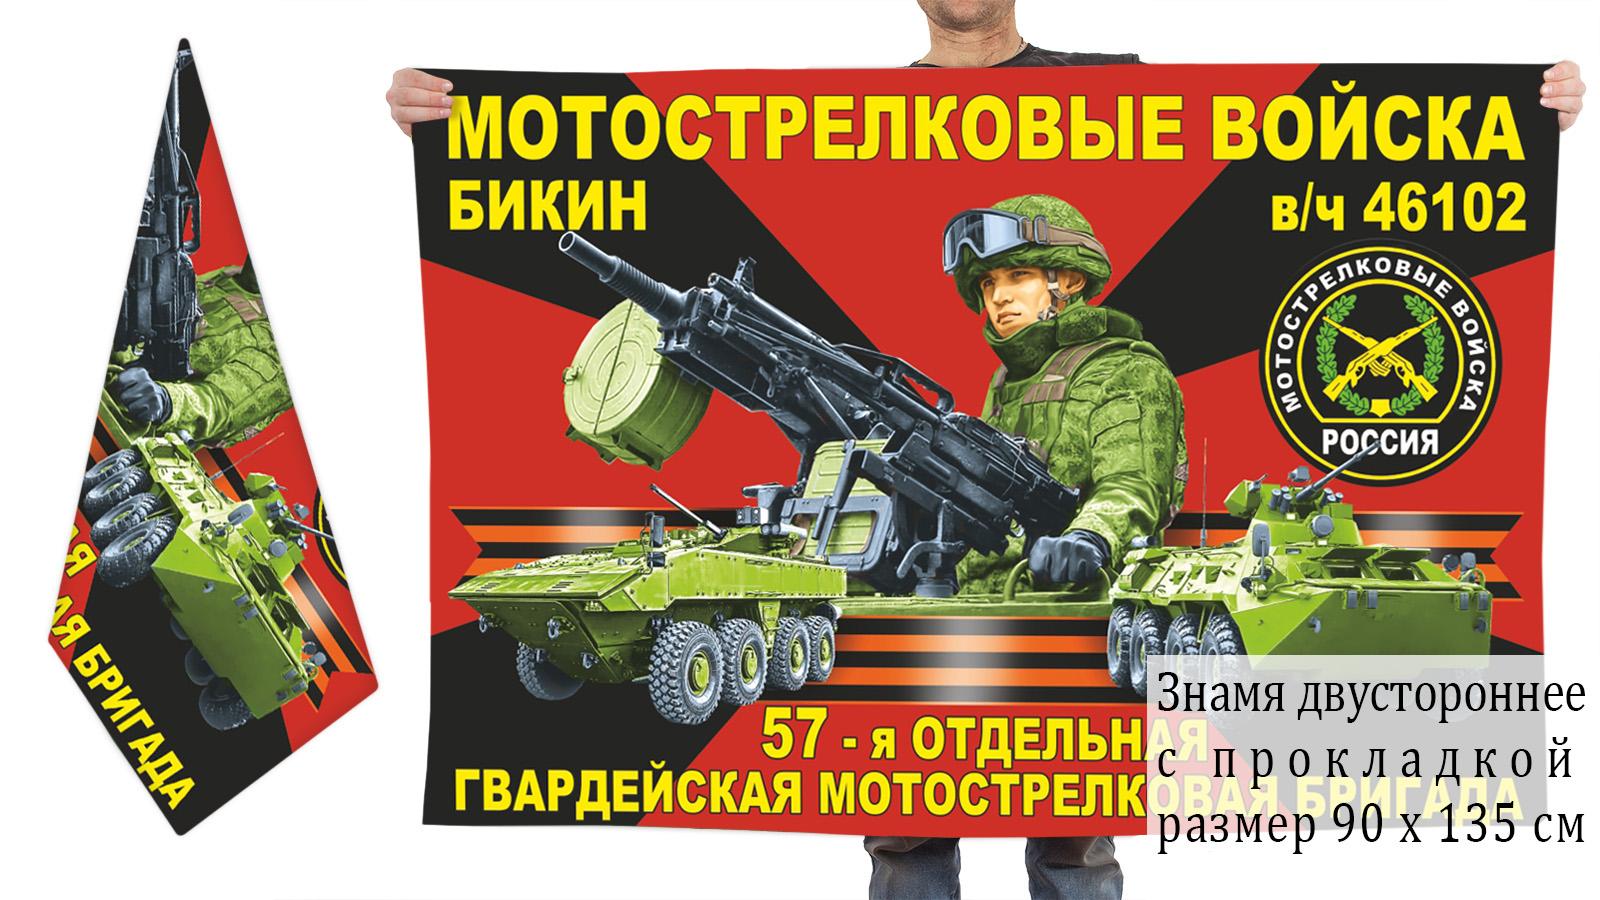 Двусторонний флаг 57 отдельной гвардейской бригады мотострелков